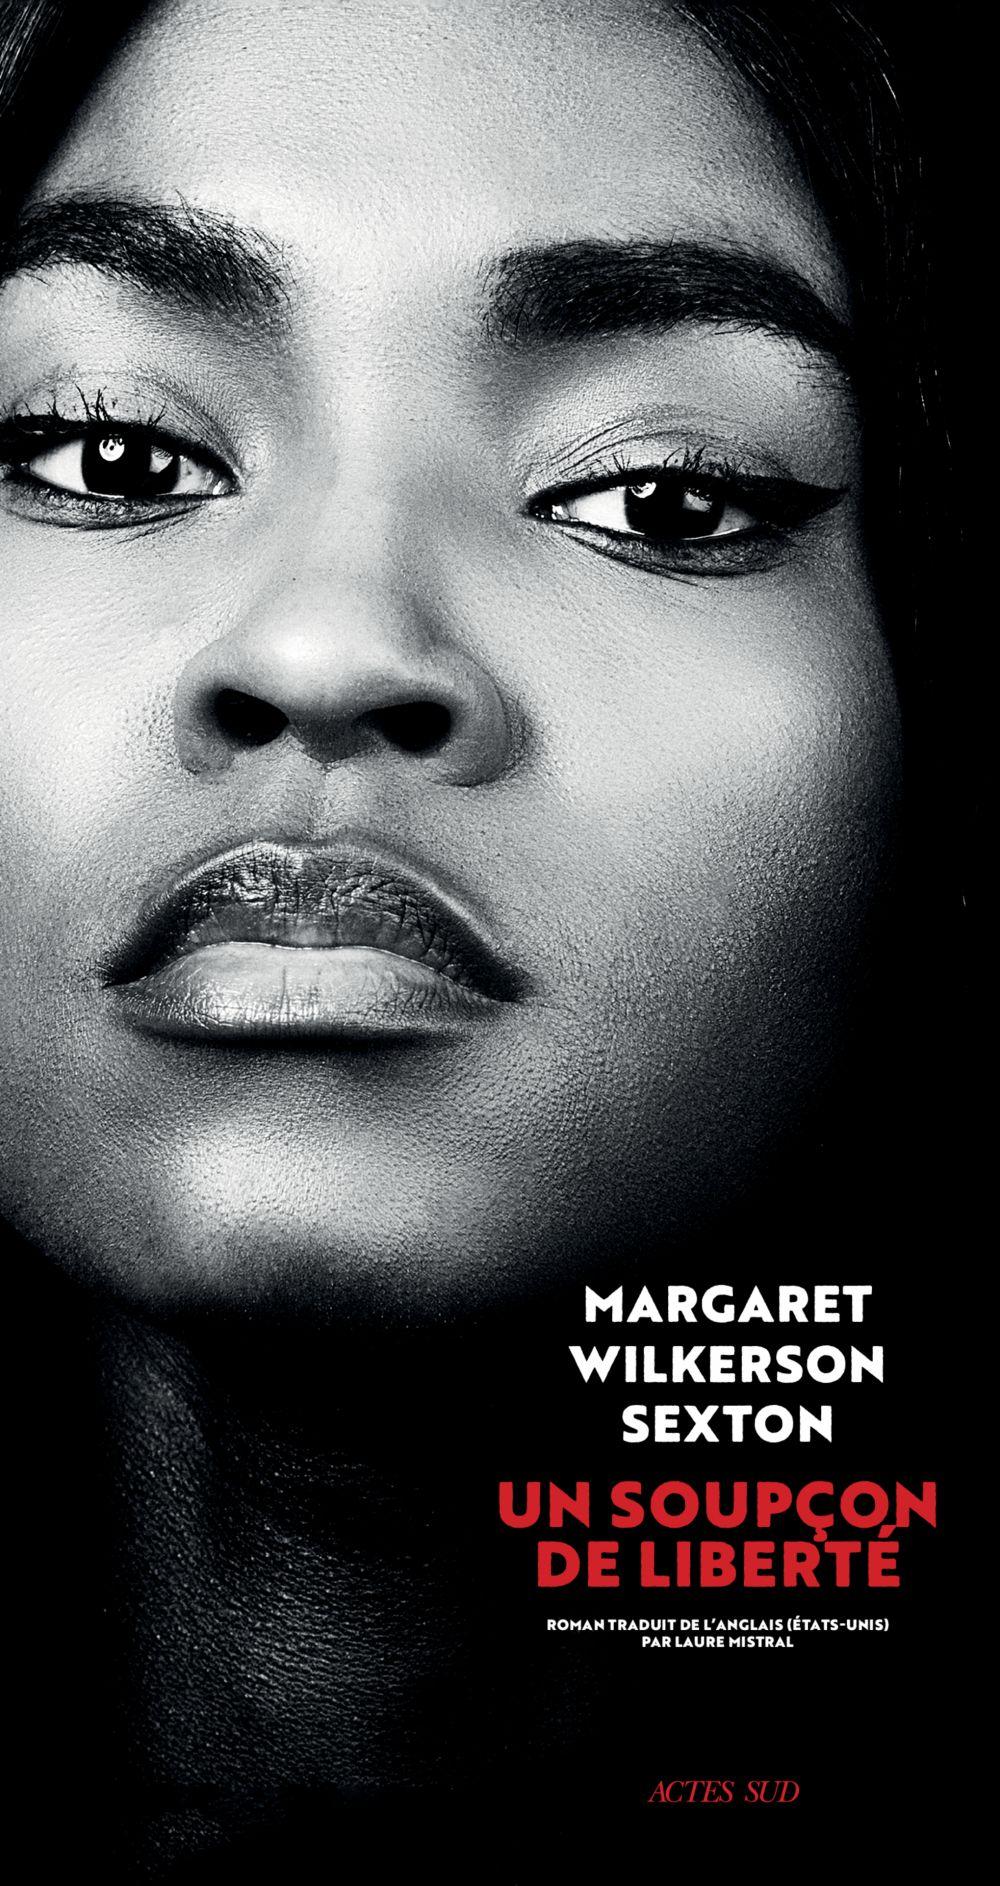 Un soupçon de liberté | Sexton, Margaret Wilkerson. Auteur